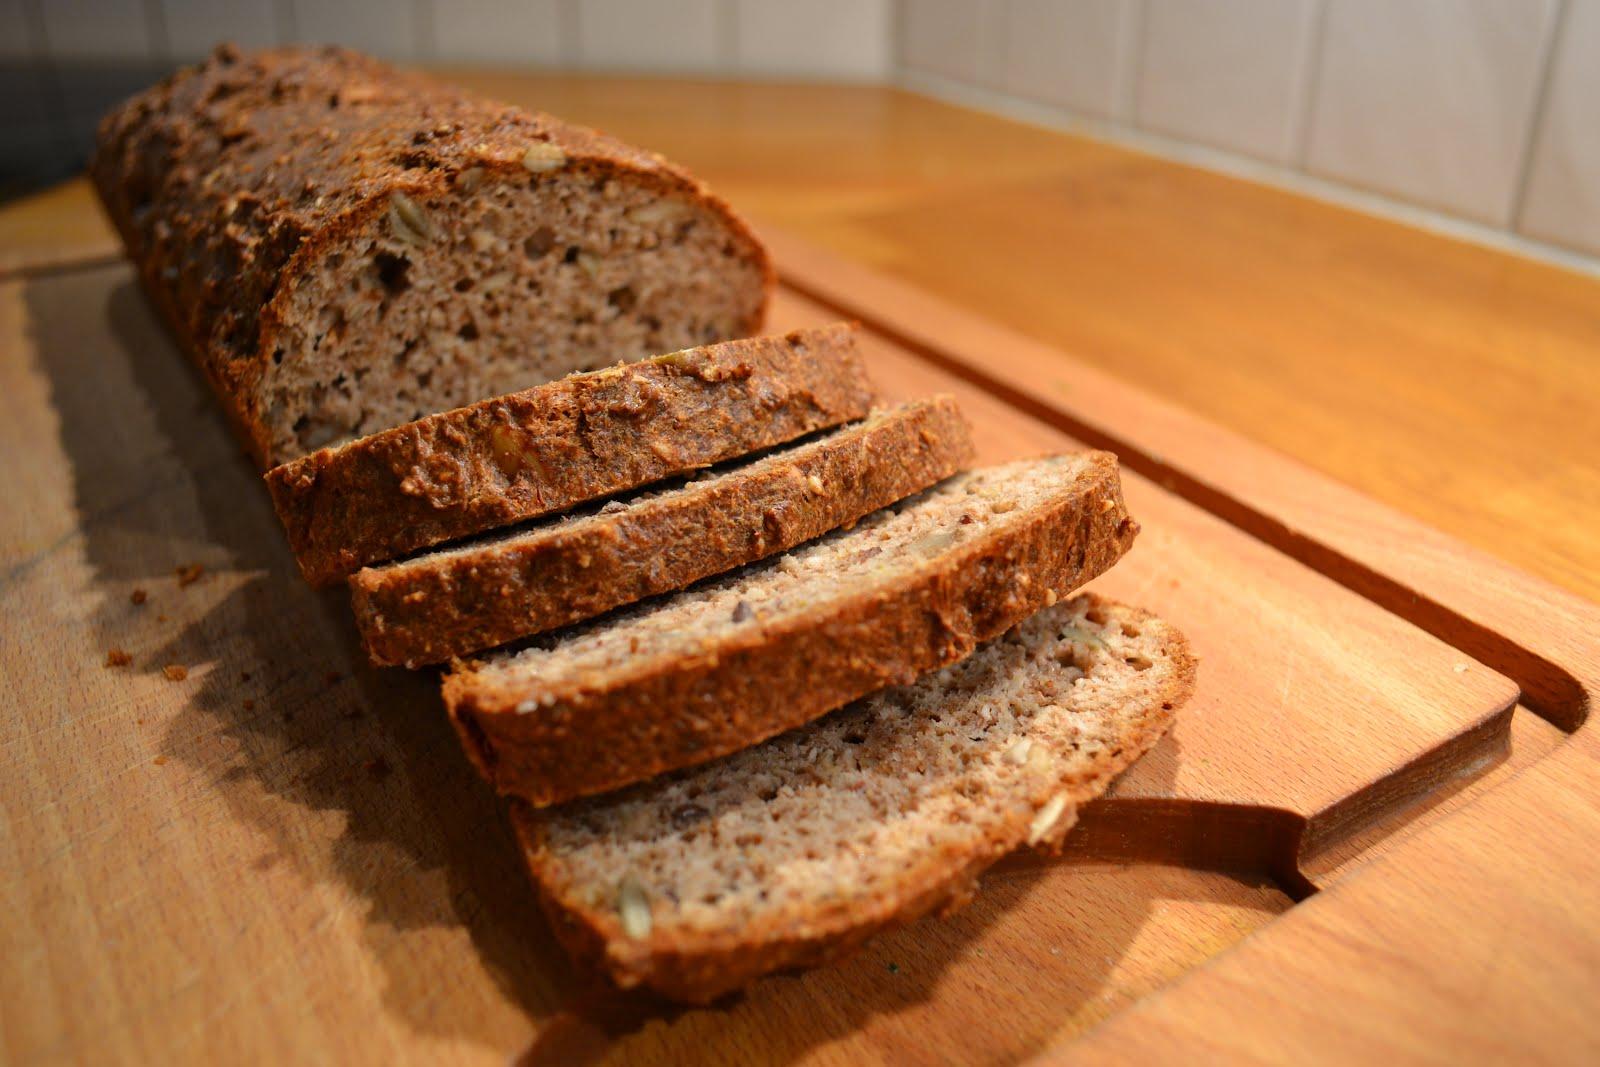 bästa lchf brödet